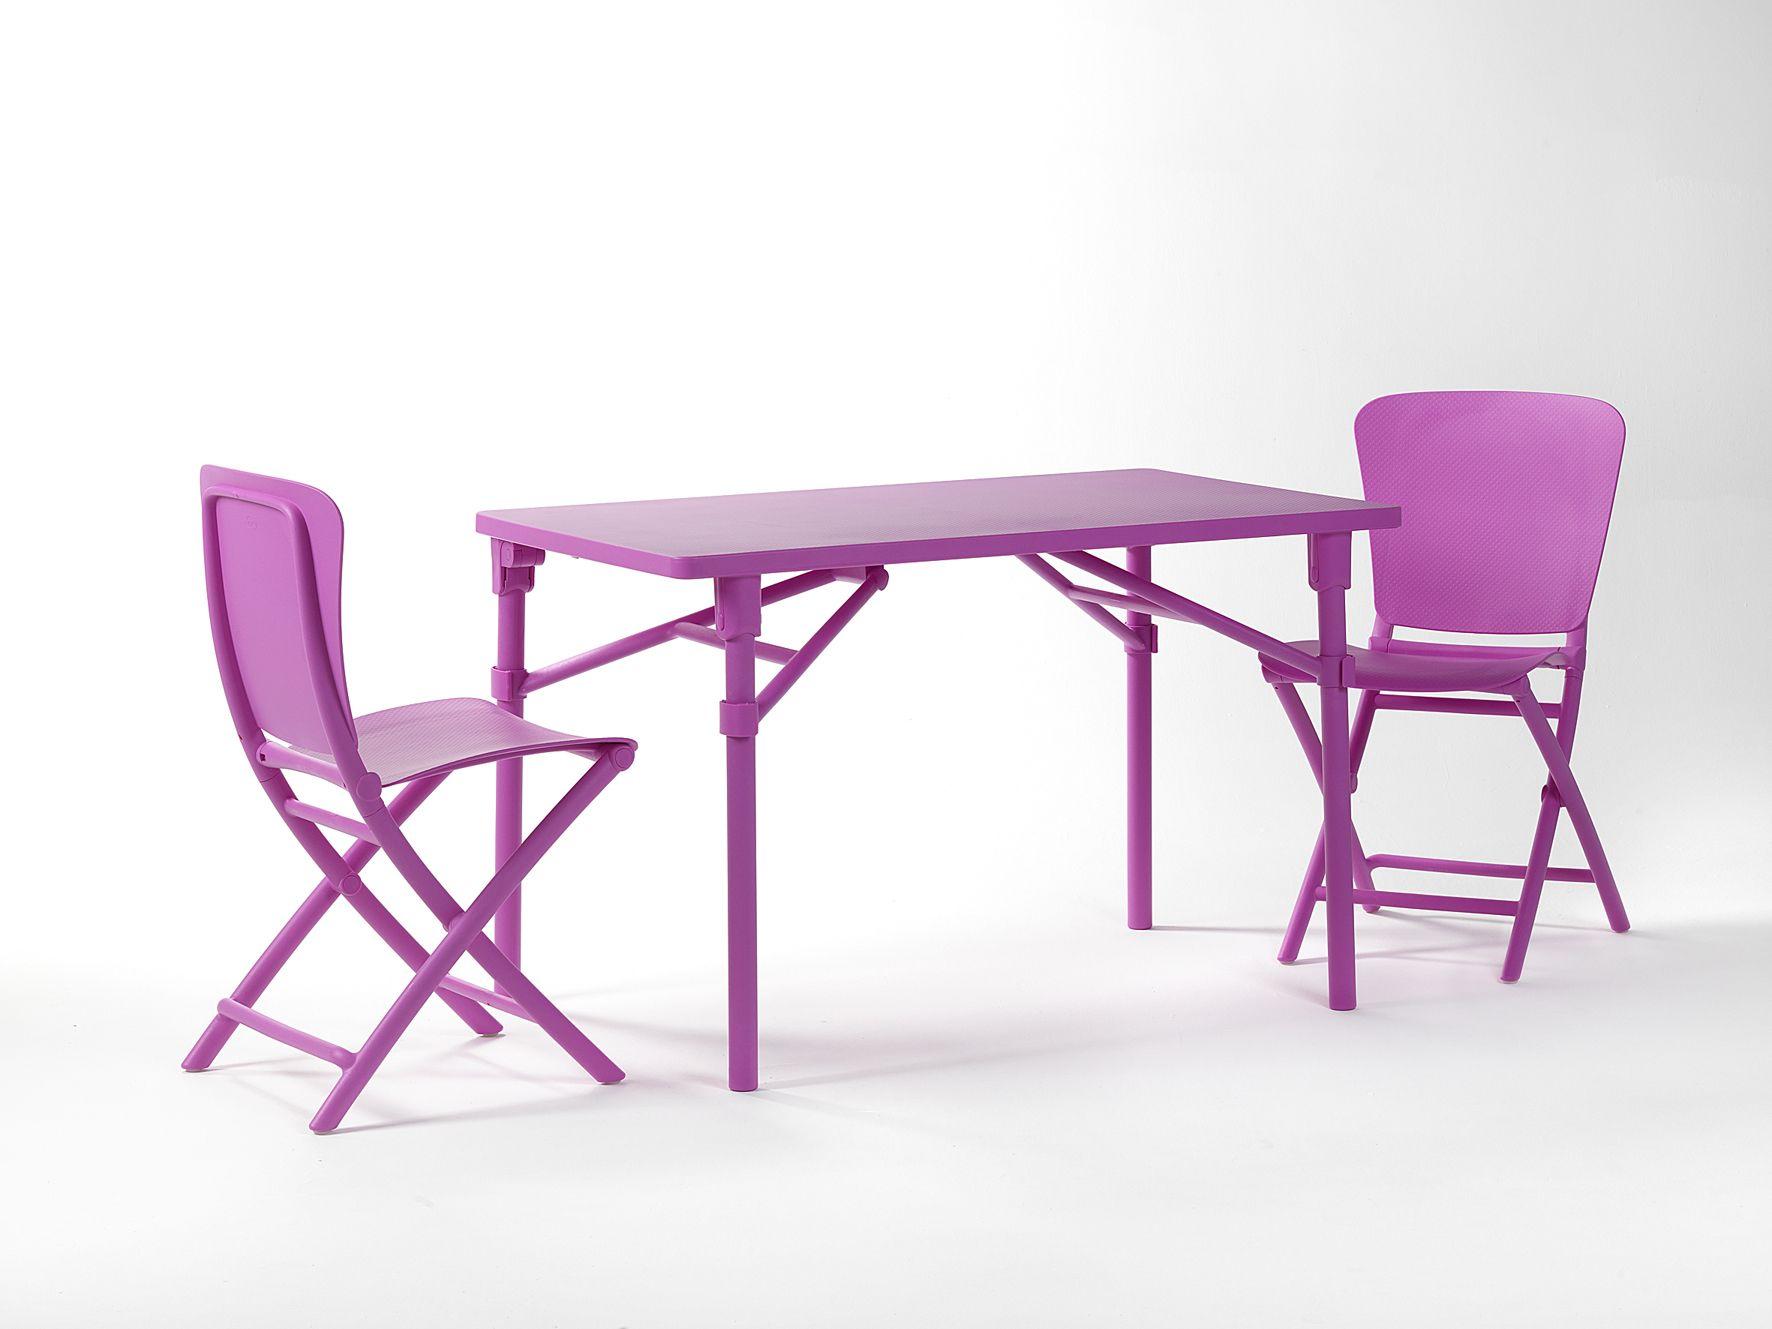 Mobilier De Jardin Nardi : L'ensemble Table Et Chaises ... pour Chaise Jardin Colorée